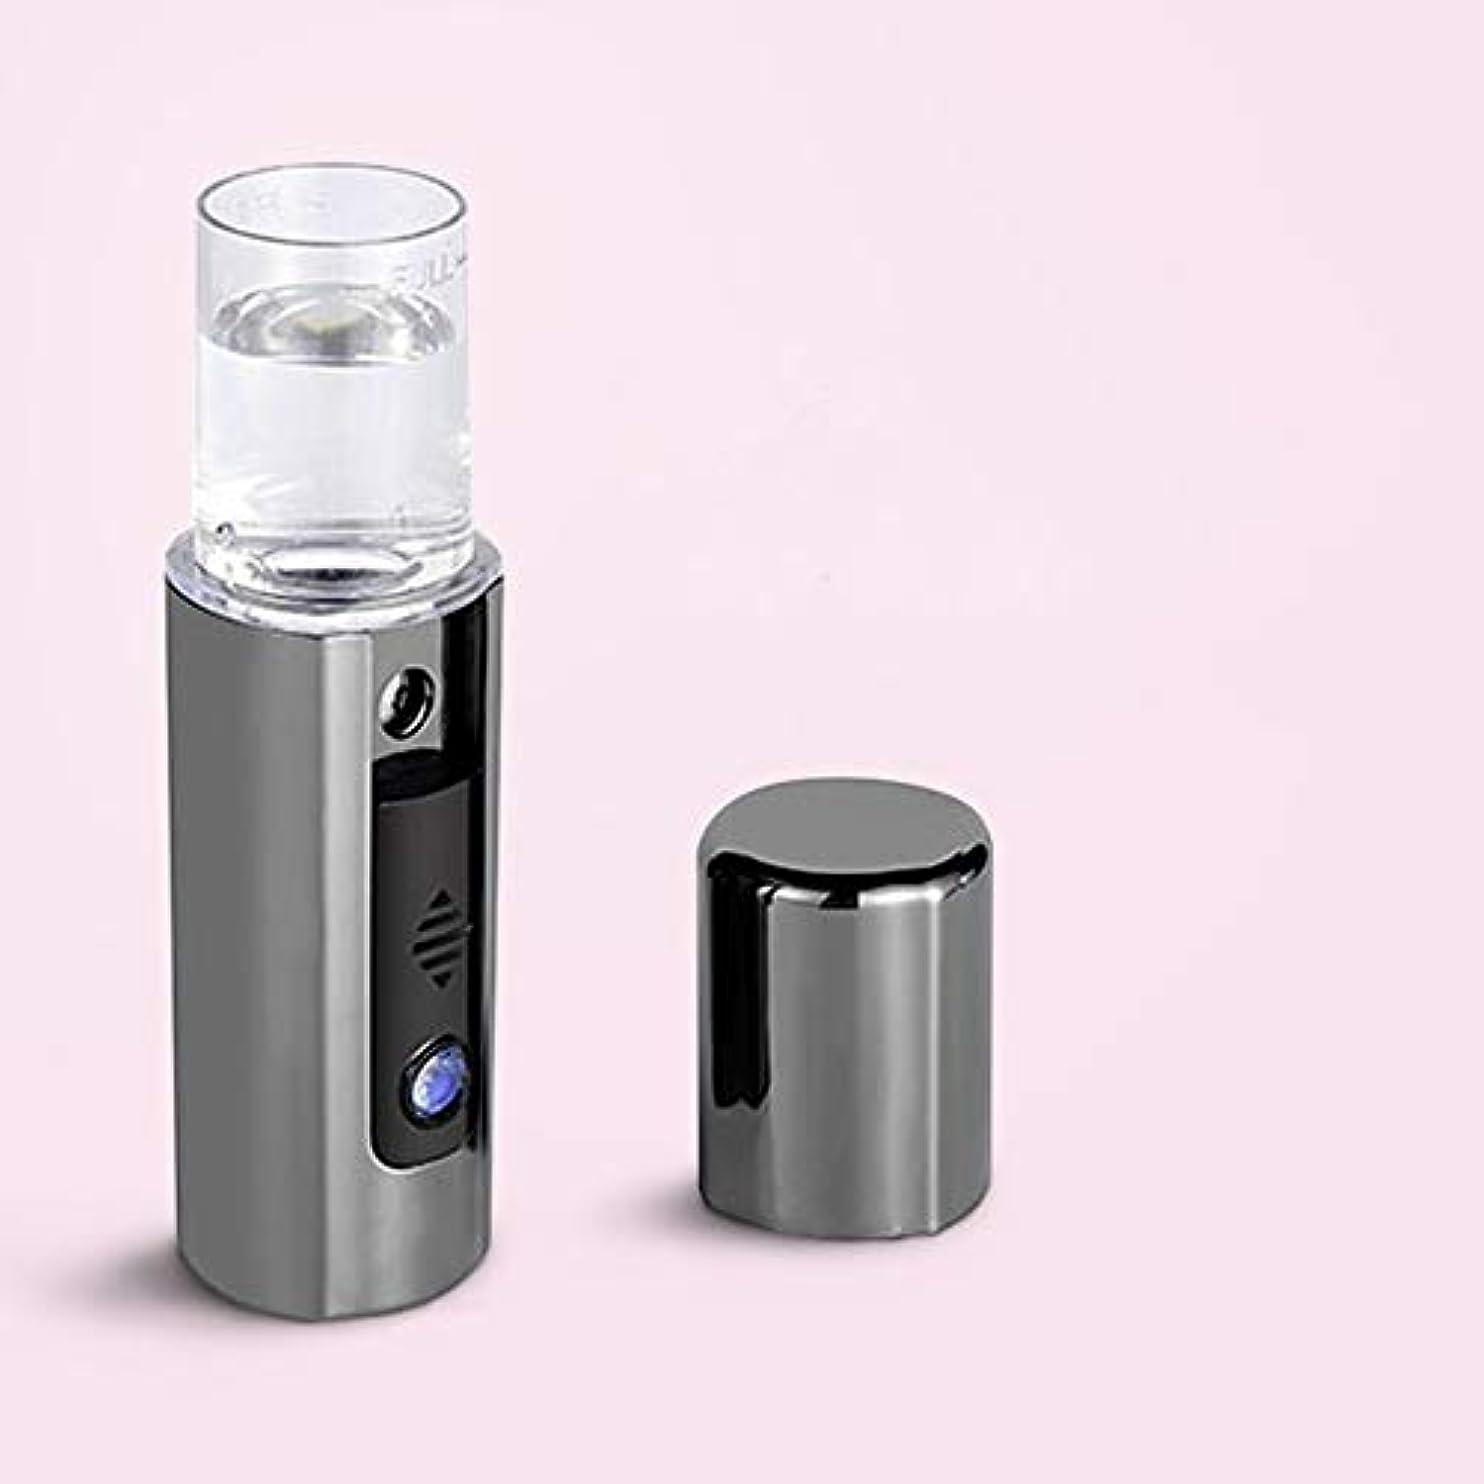 異常与えるはしごZXF ポータブルナノスプレー美容器具蒸し顔ポータブルフェイシャルコールドスプレー器具保湿水道メーター 滑らかである (色 : Black)